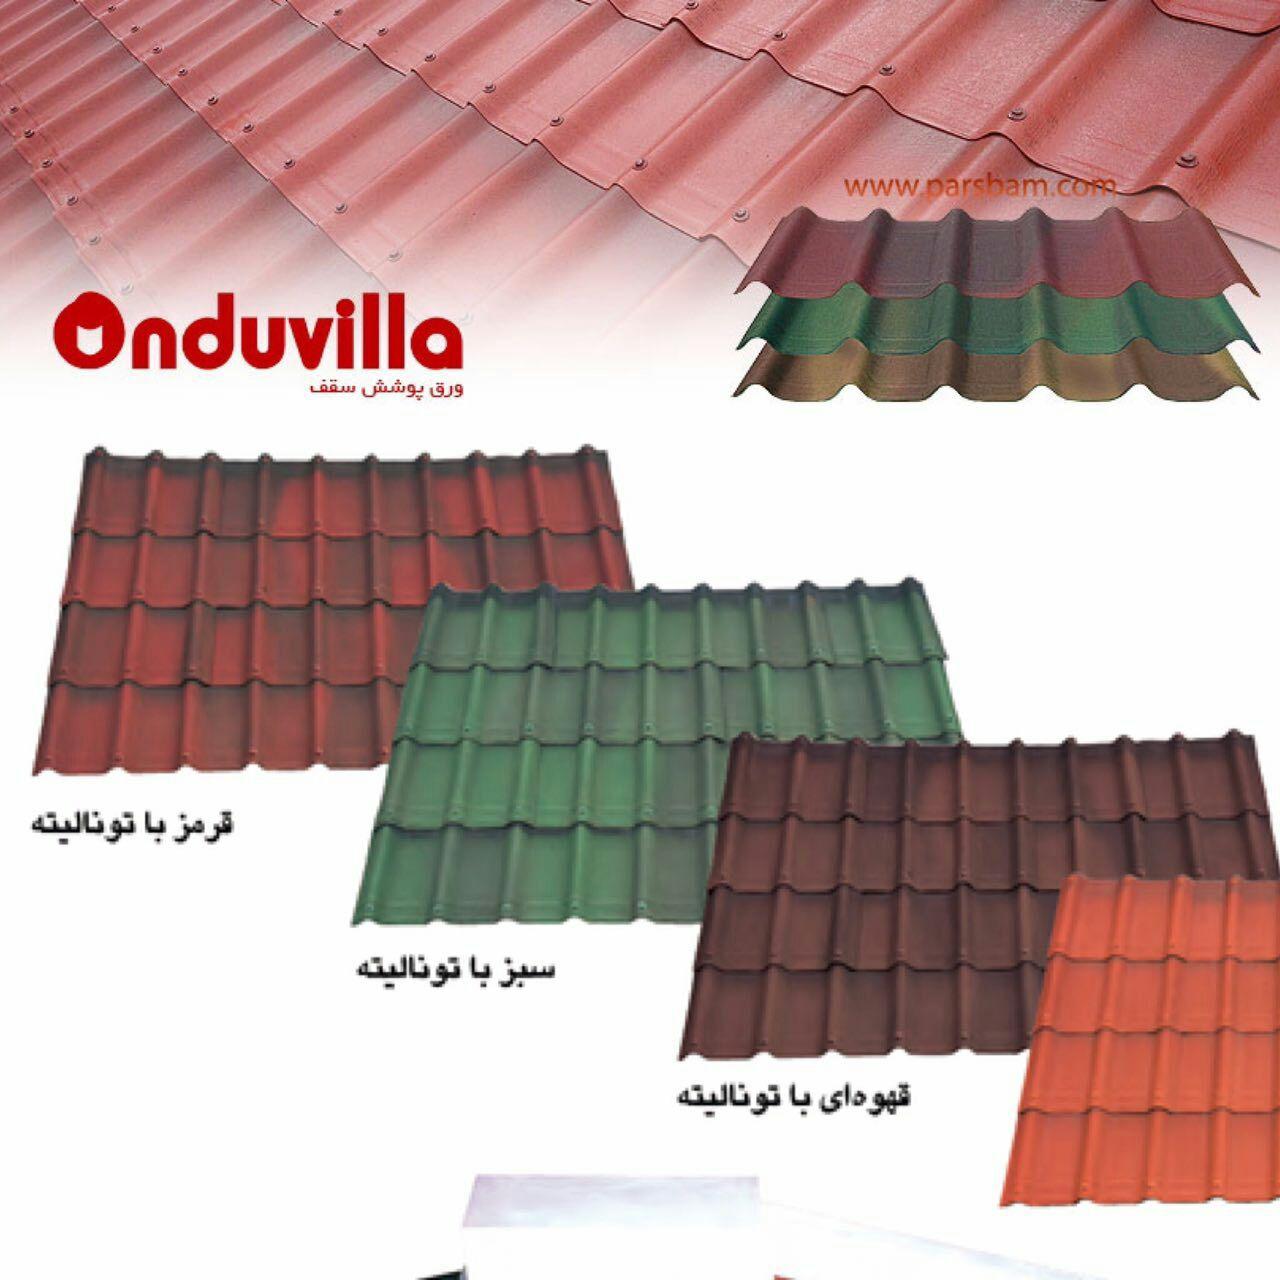 آندوویلا HE, ورق آندوویلا . اجرای سقف آندوویلا . پوشش سقف آندوویلا . قیمت فروش آندوویلا